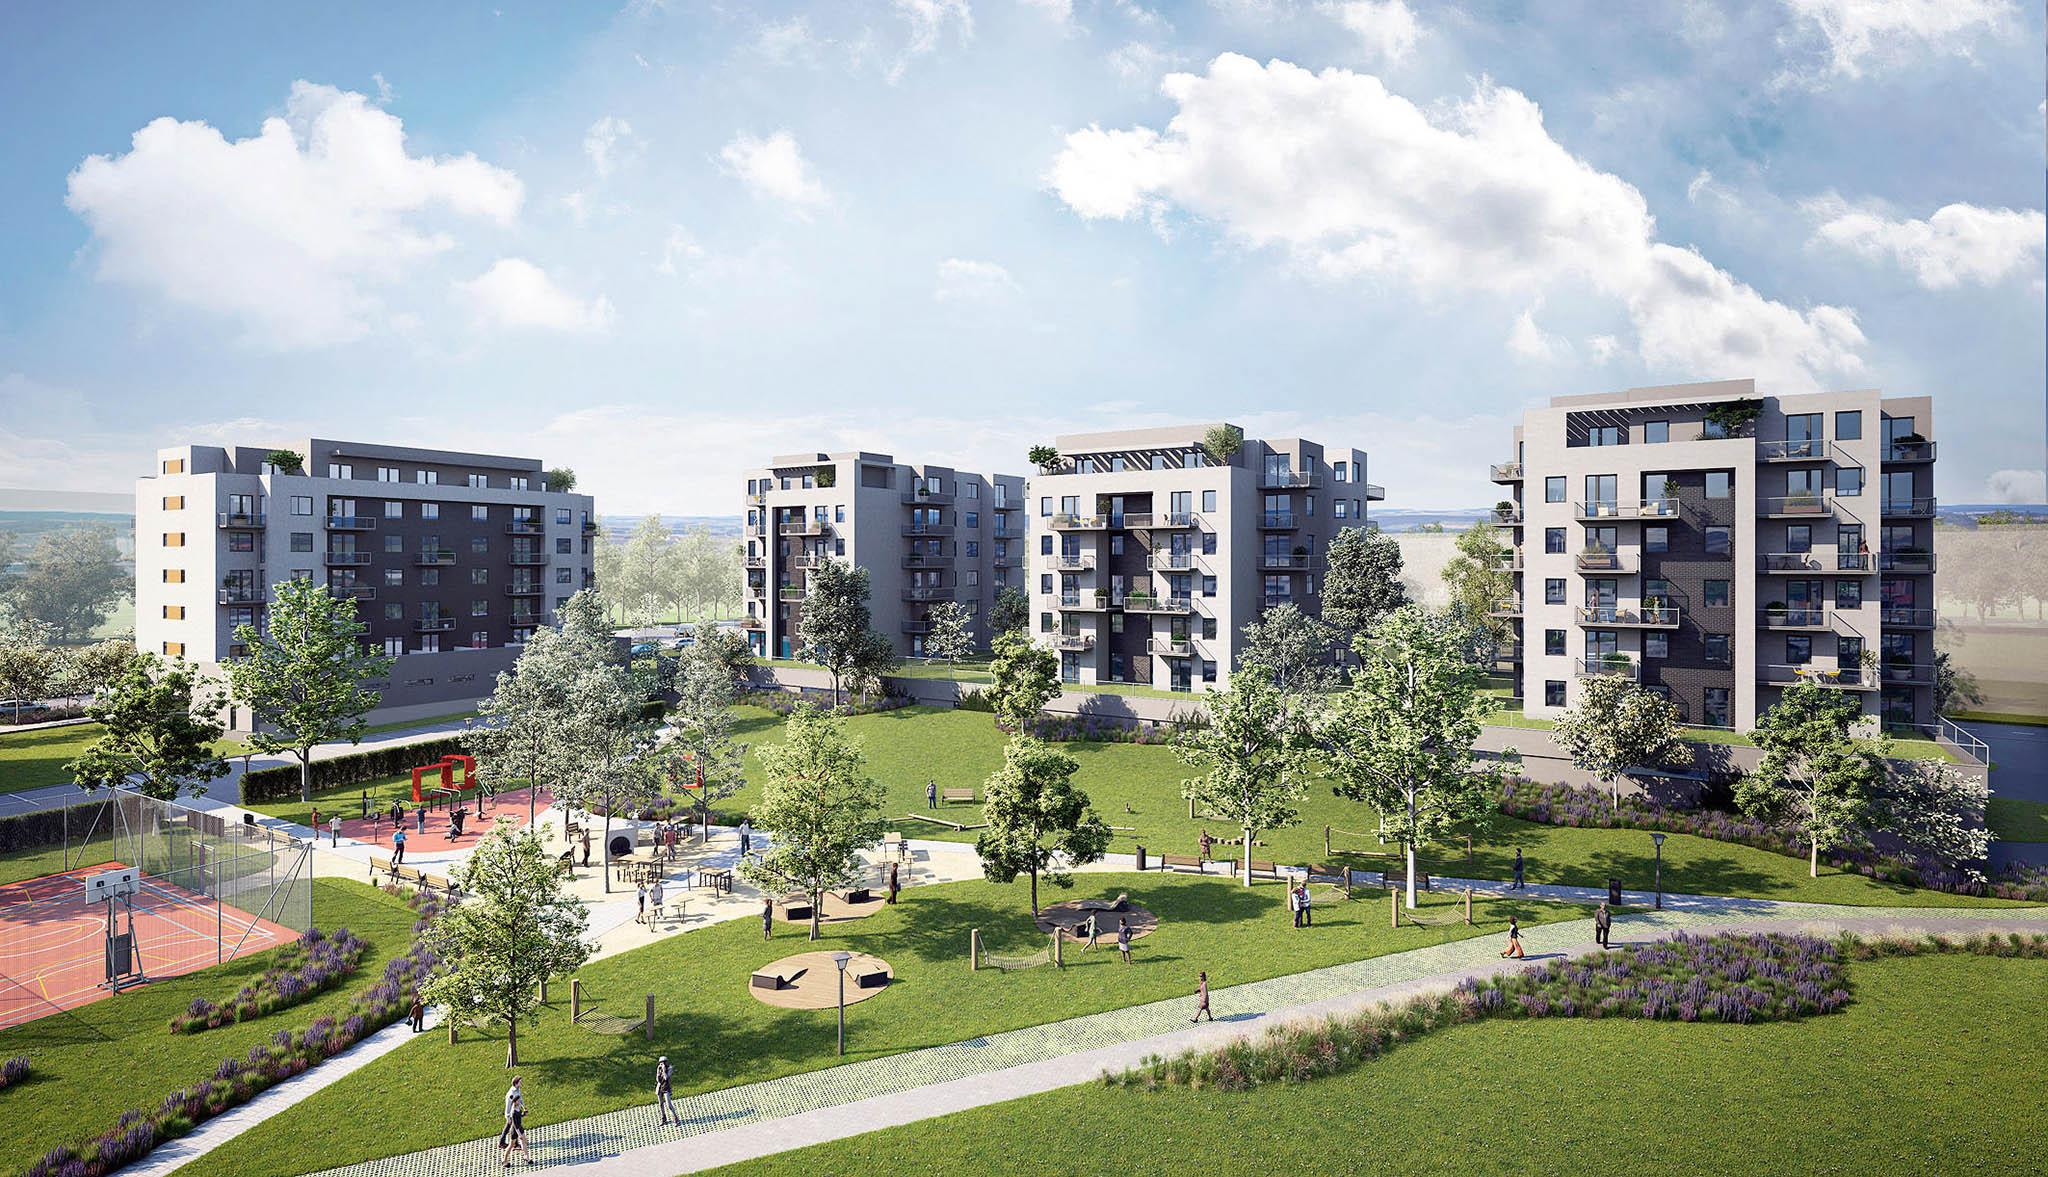 Projekt Unicity Plzeň společnosti Daramis, který vyrůstá vmetropoli západních Čech, nabízí jak byty naprodej, tak napronájem.